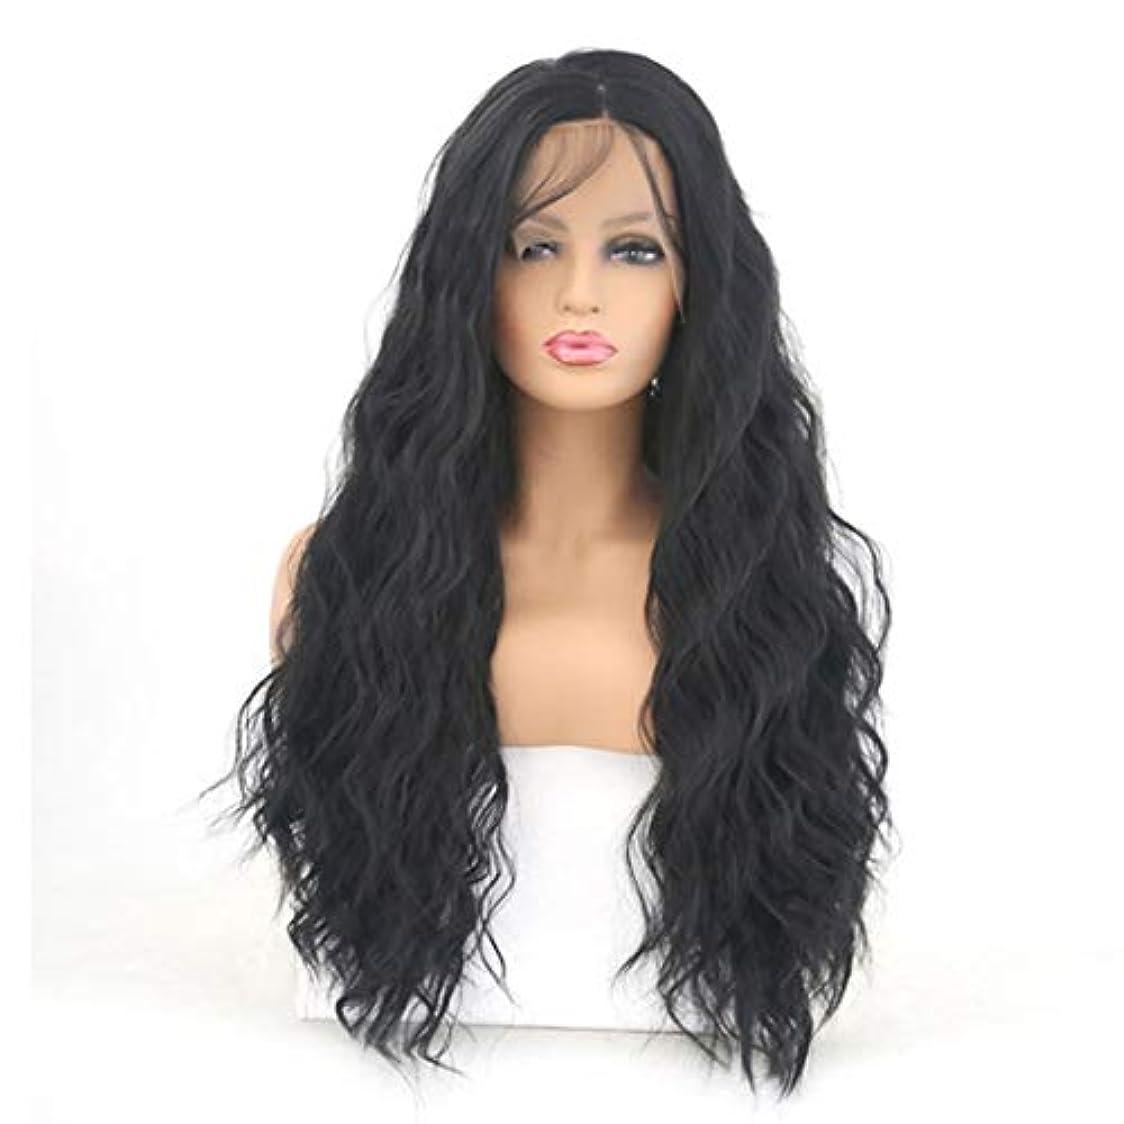 セイはさておき欠如政府Kerwinner 女性のための黒く長い巻き毛の前部レースの大きい波の化学繊維の毛